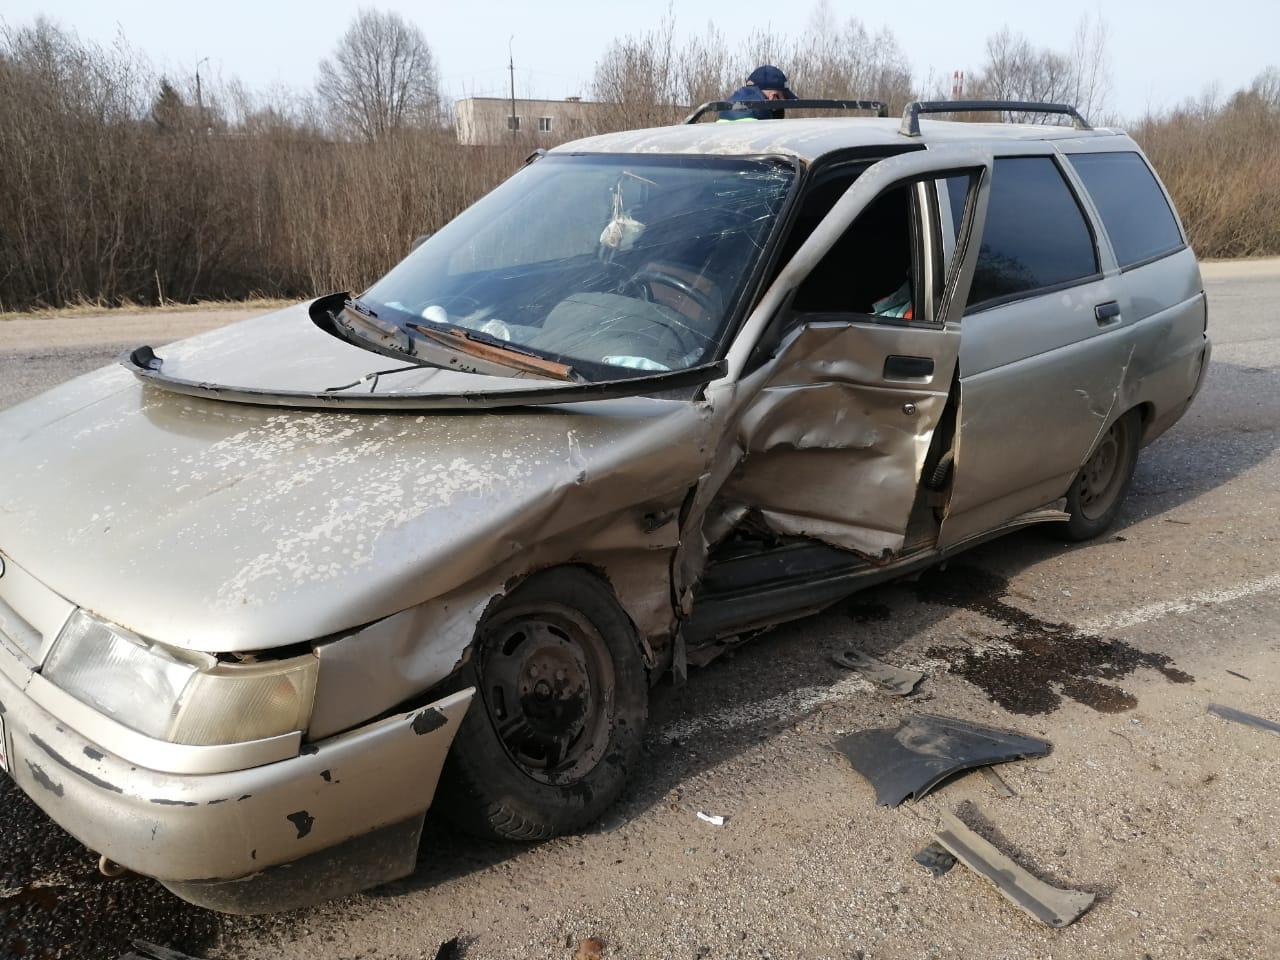 Мужчина и 10-летняя девочка пострадали в ДТП с двумя легковушками в Тверской области - новости Афанасий